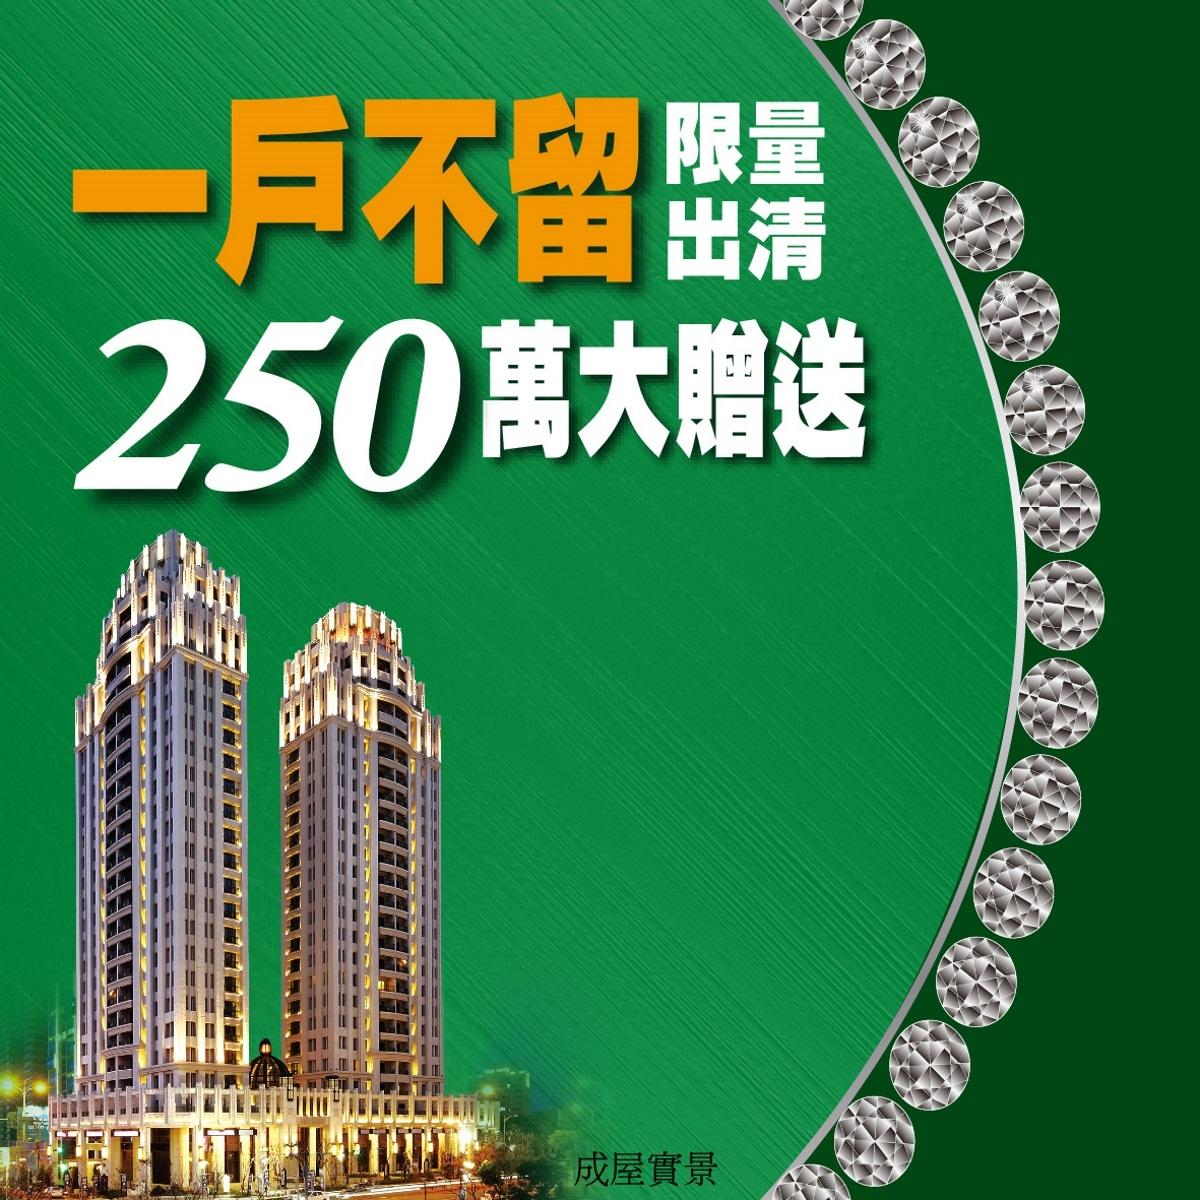 [竹北水岸] 聚合發建設-香禔(大樓)2016-04-03